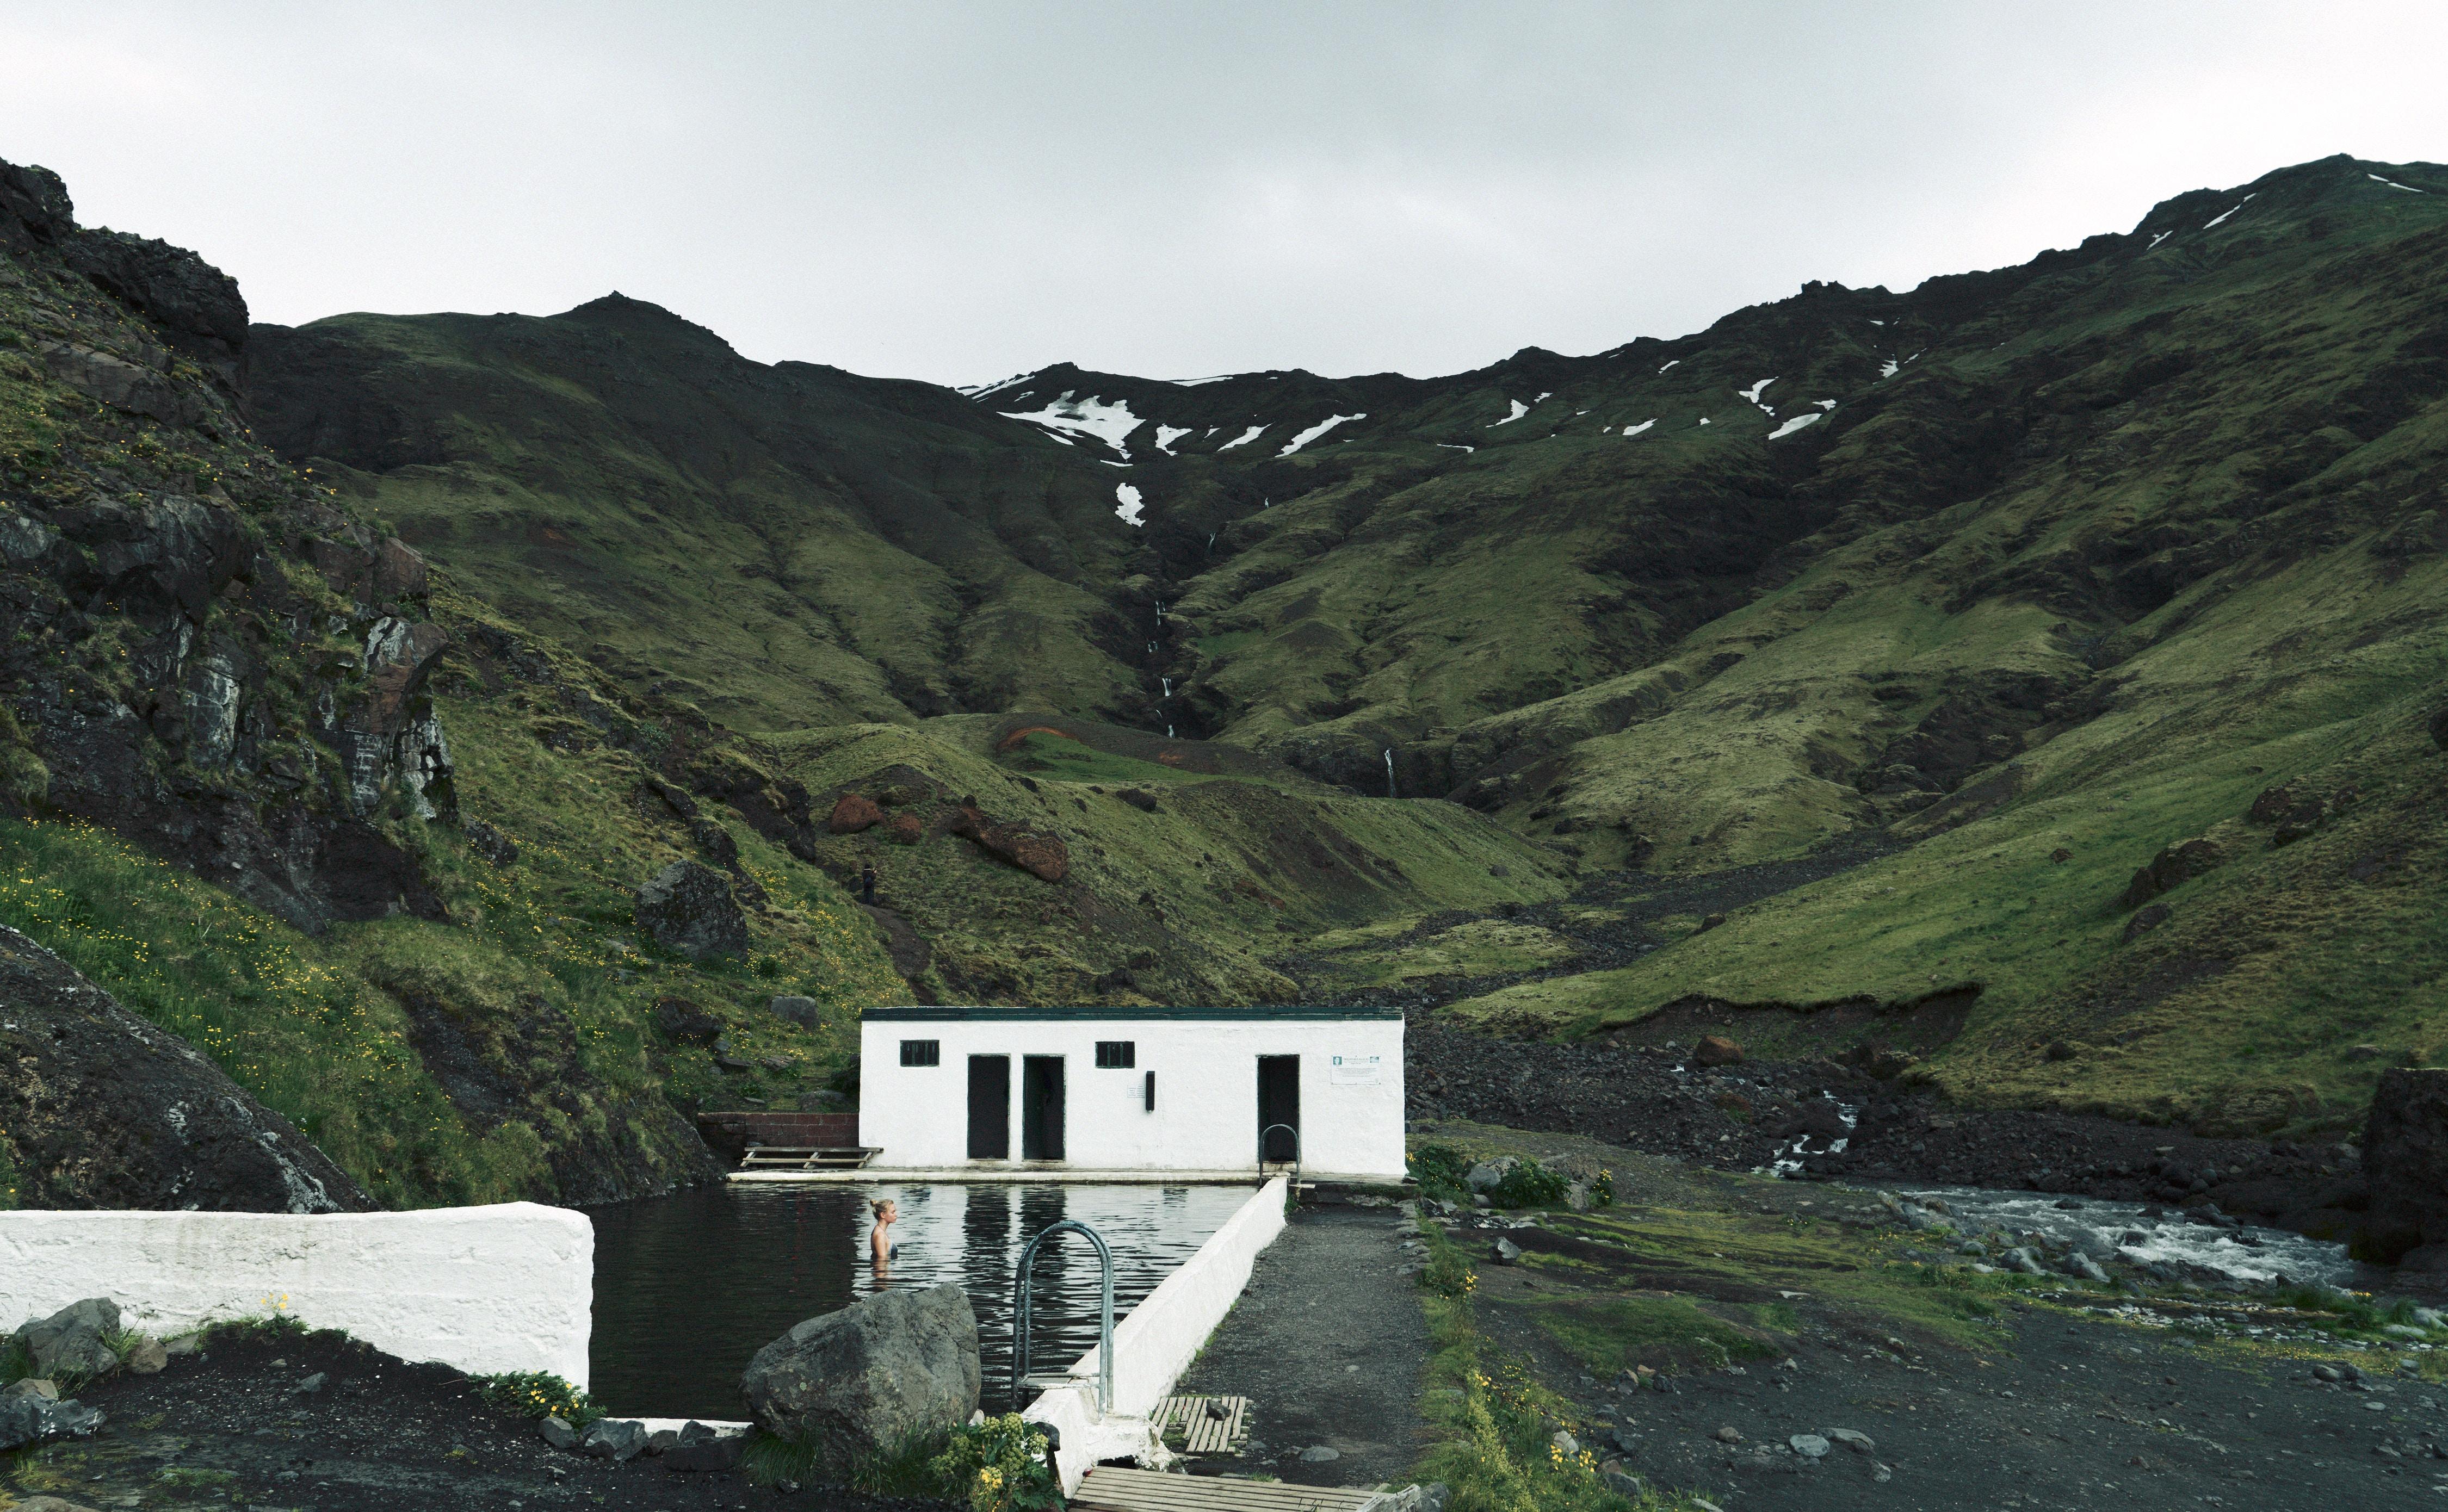 La piscina de aguas termales de Seljavallalaug es la más antigua de Islandia